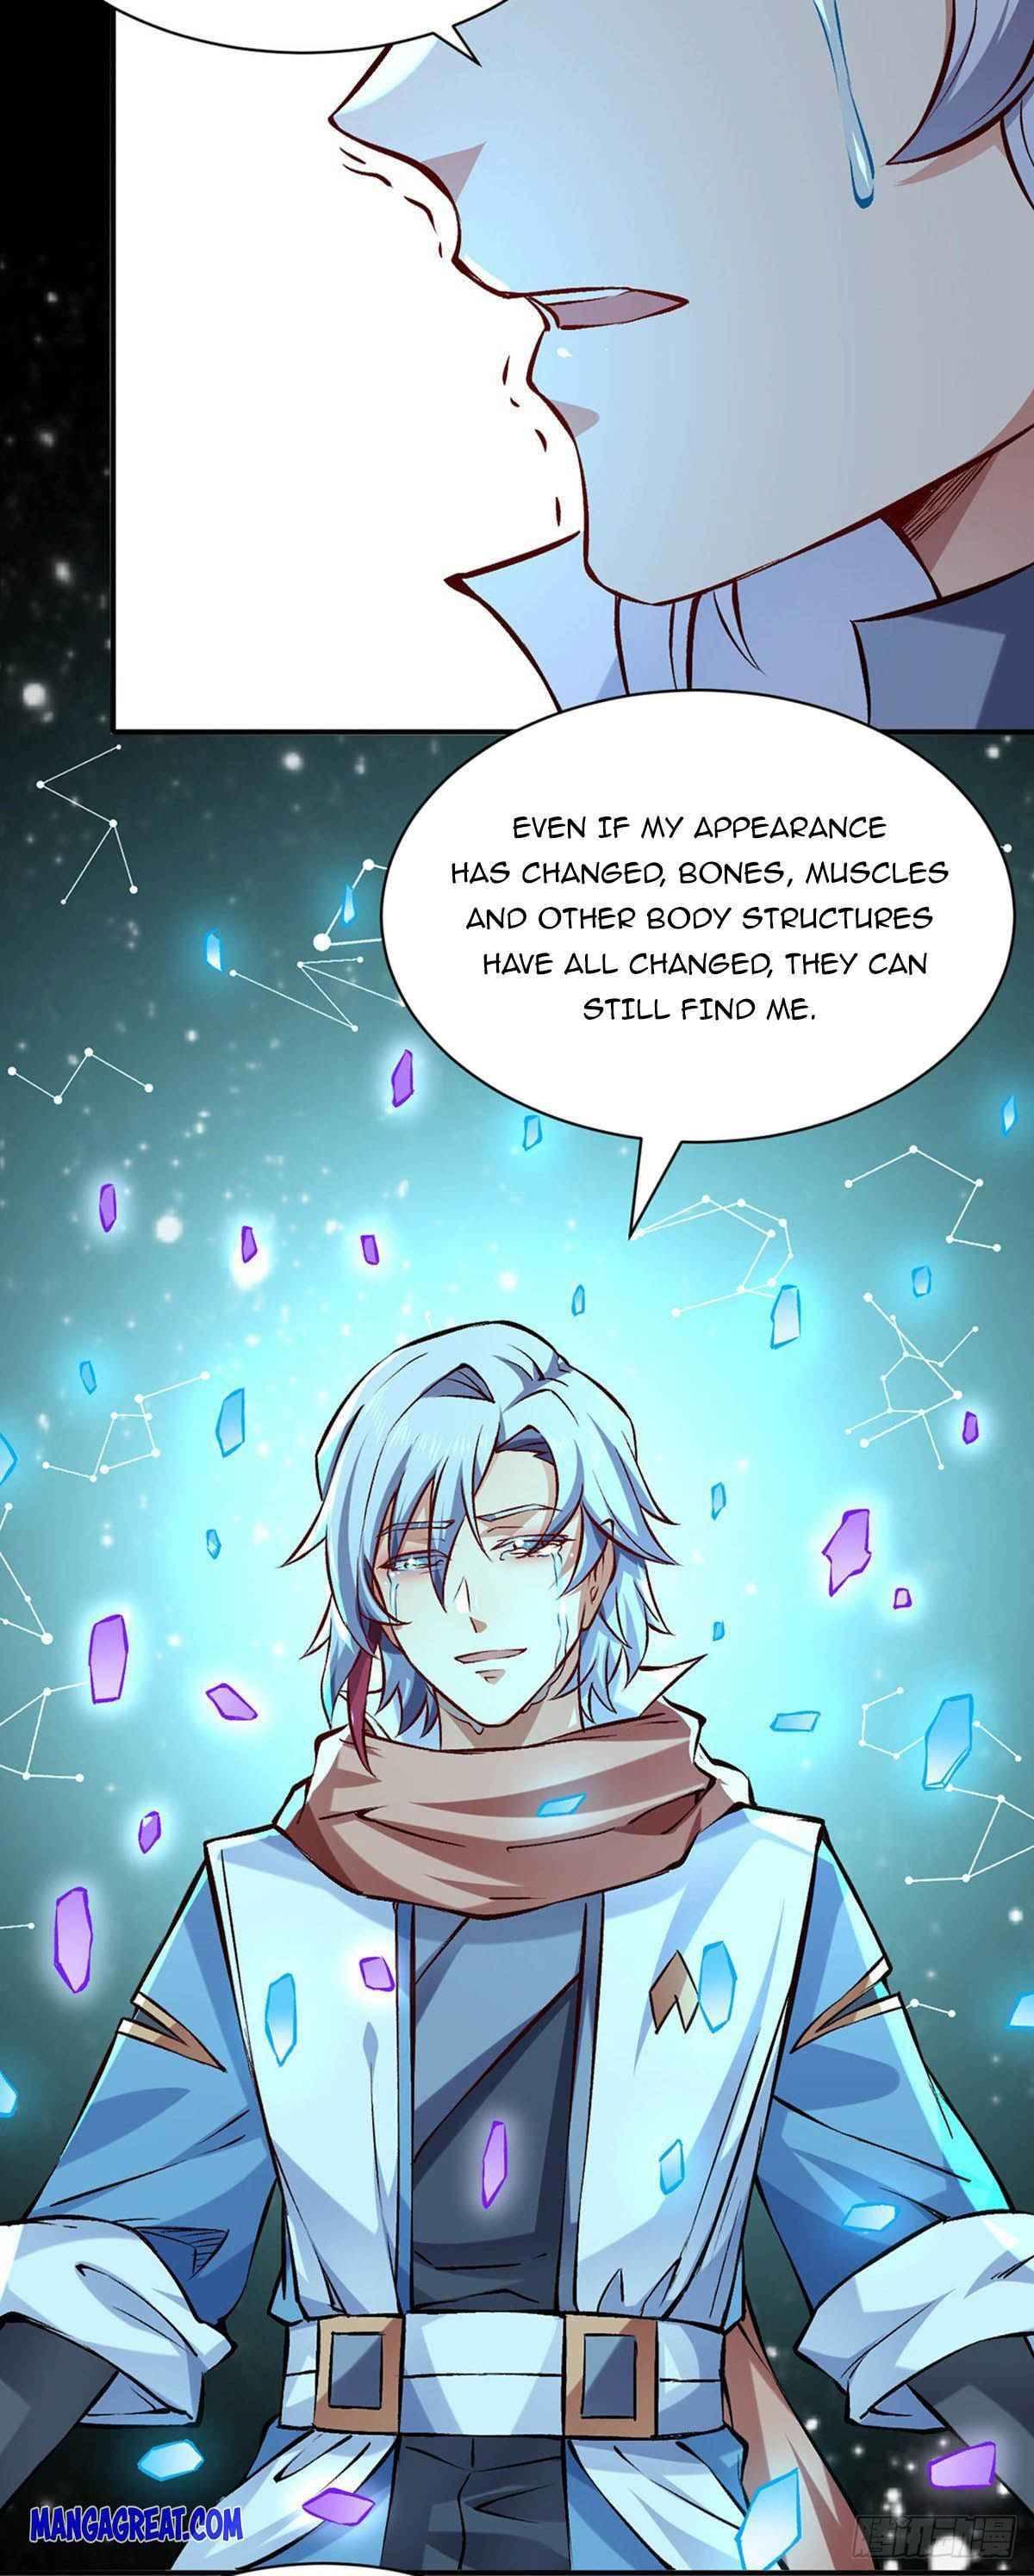 Martial Arts Reigns Chapter 314 page 6 - Mangakakalot